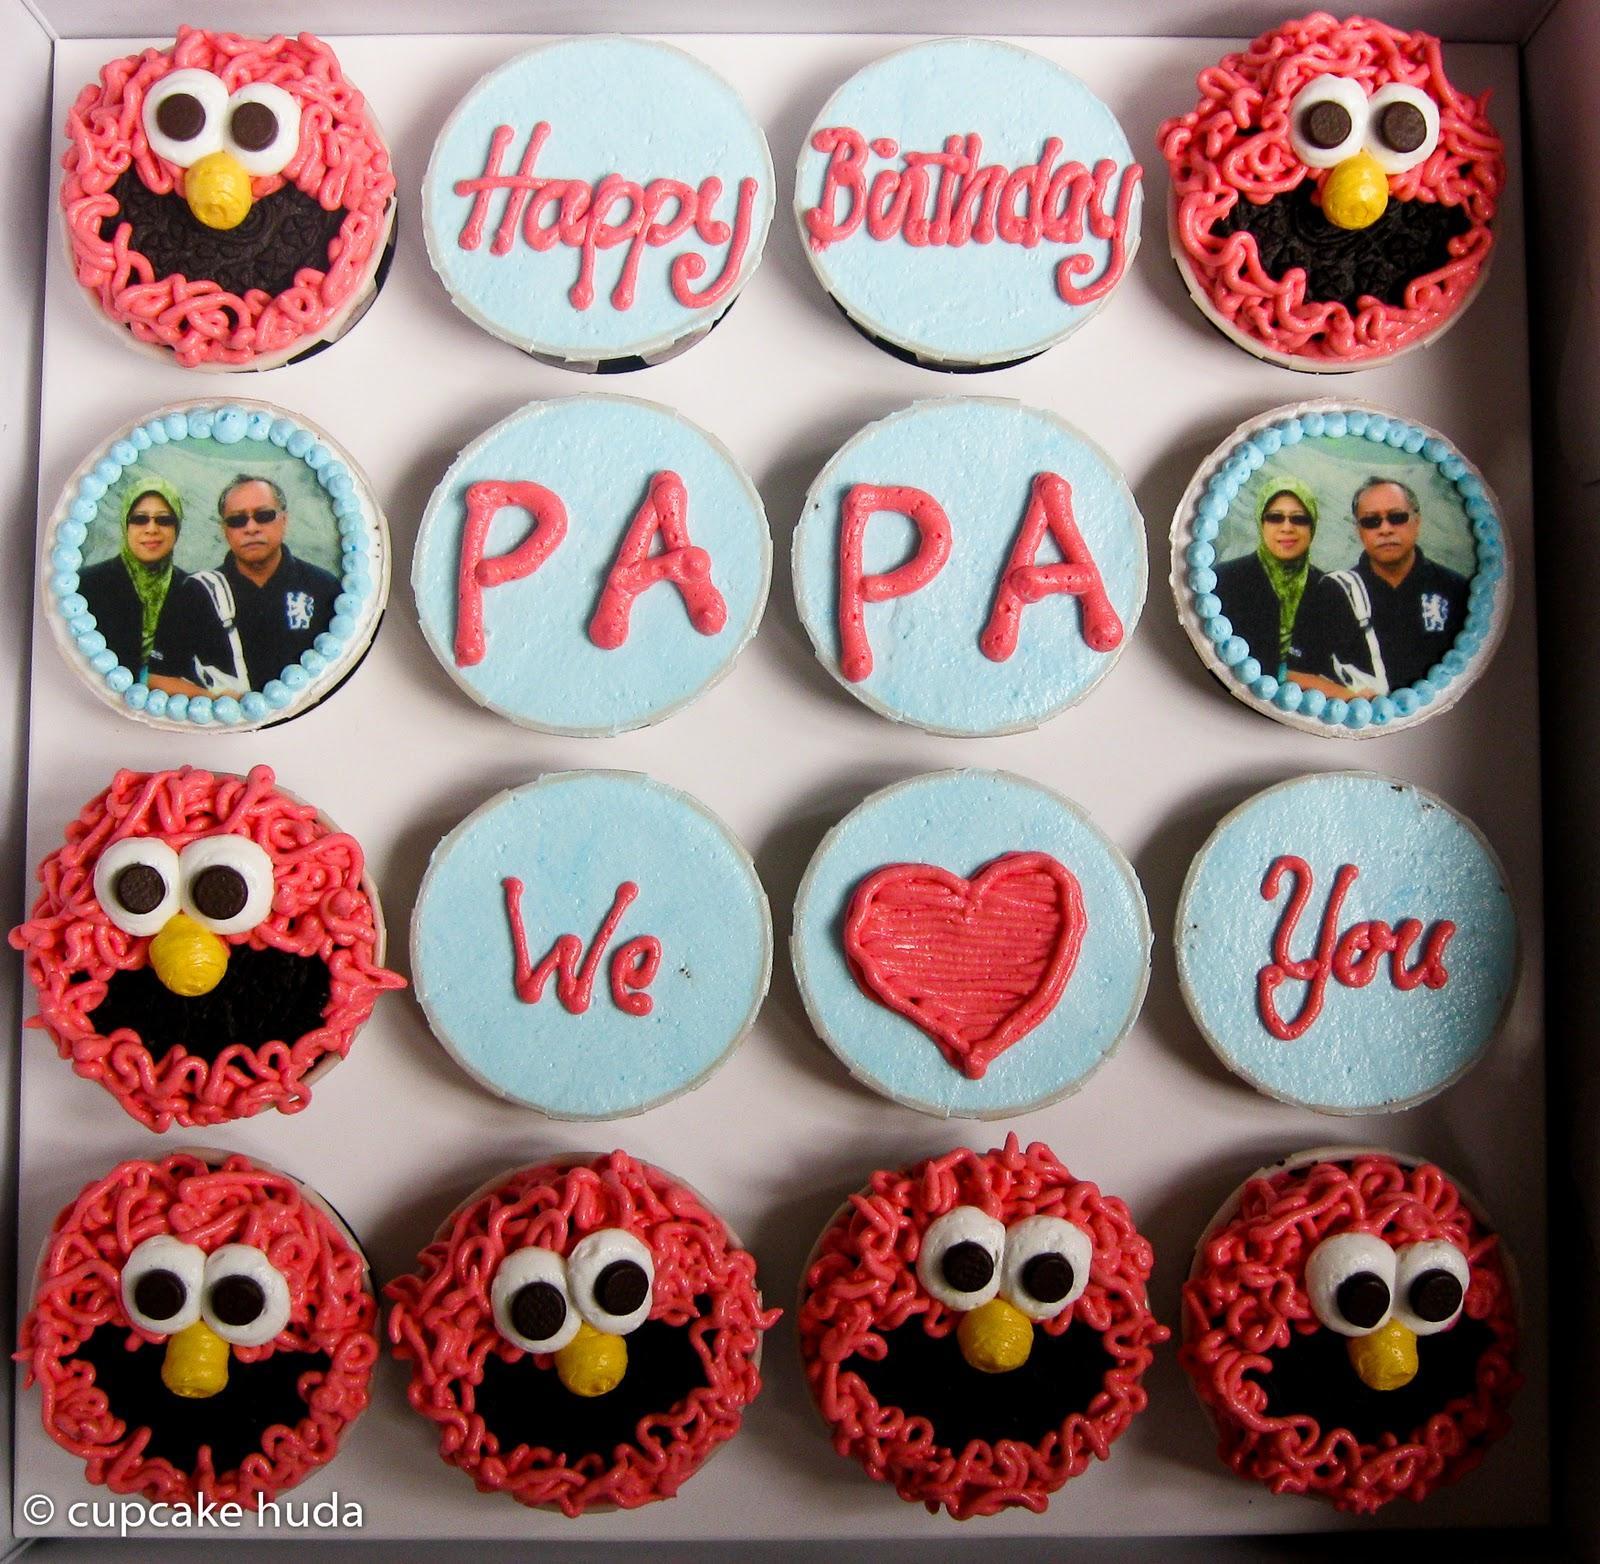 Happy Birthday Papa - Haida